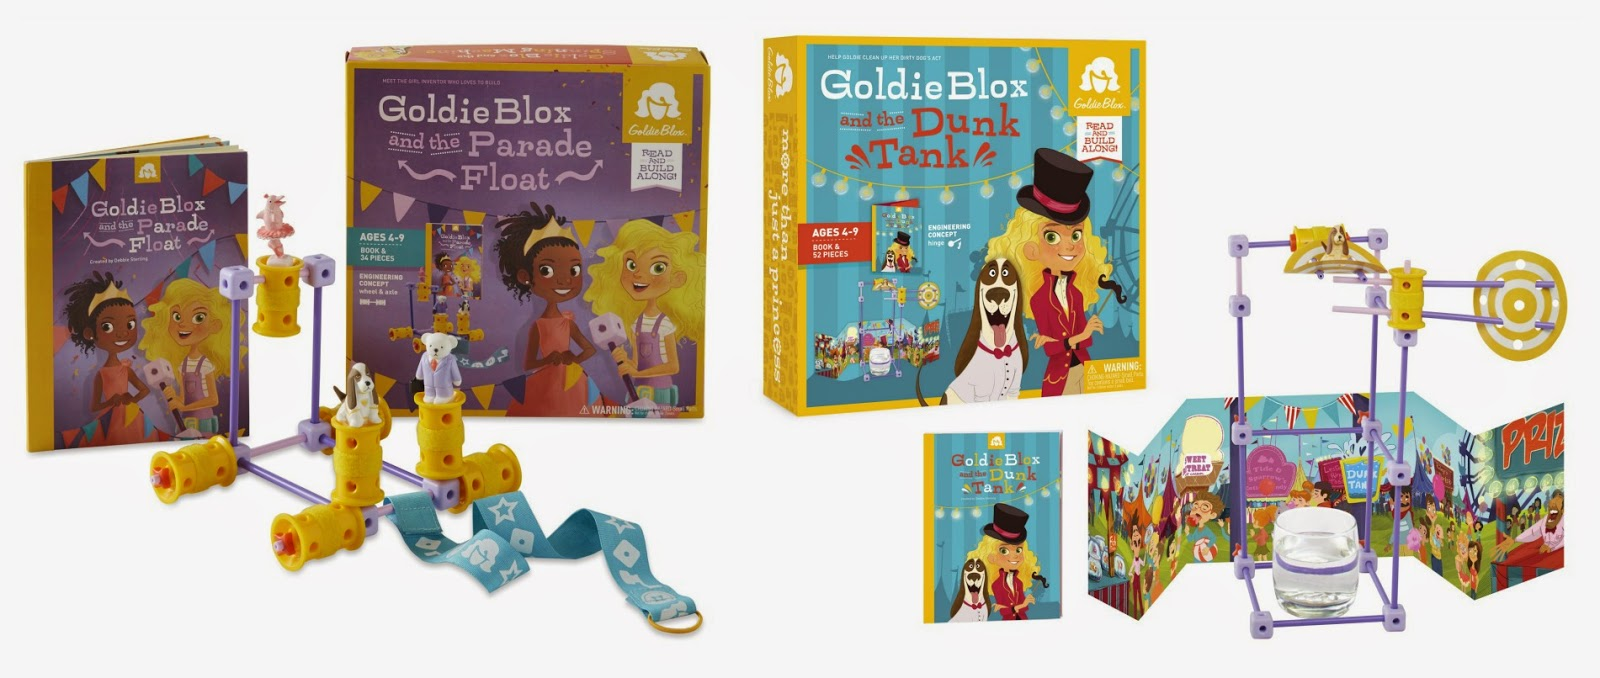 GoldieBlox giveaway